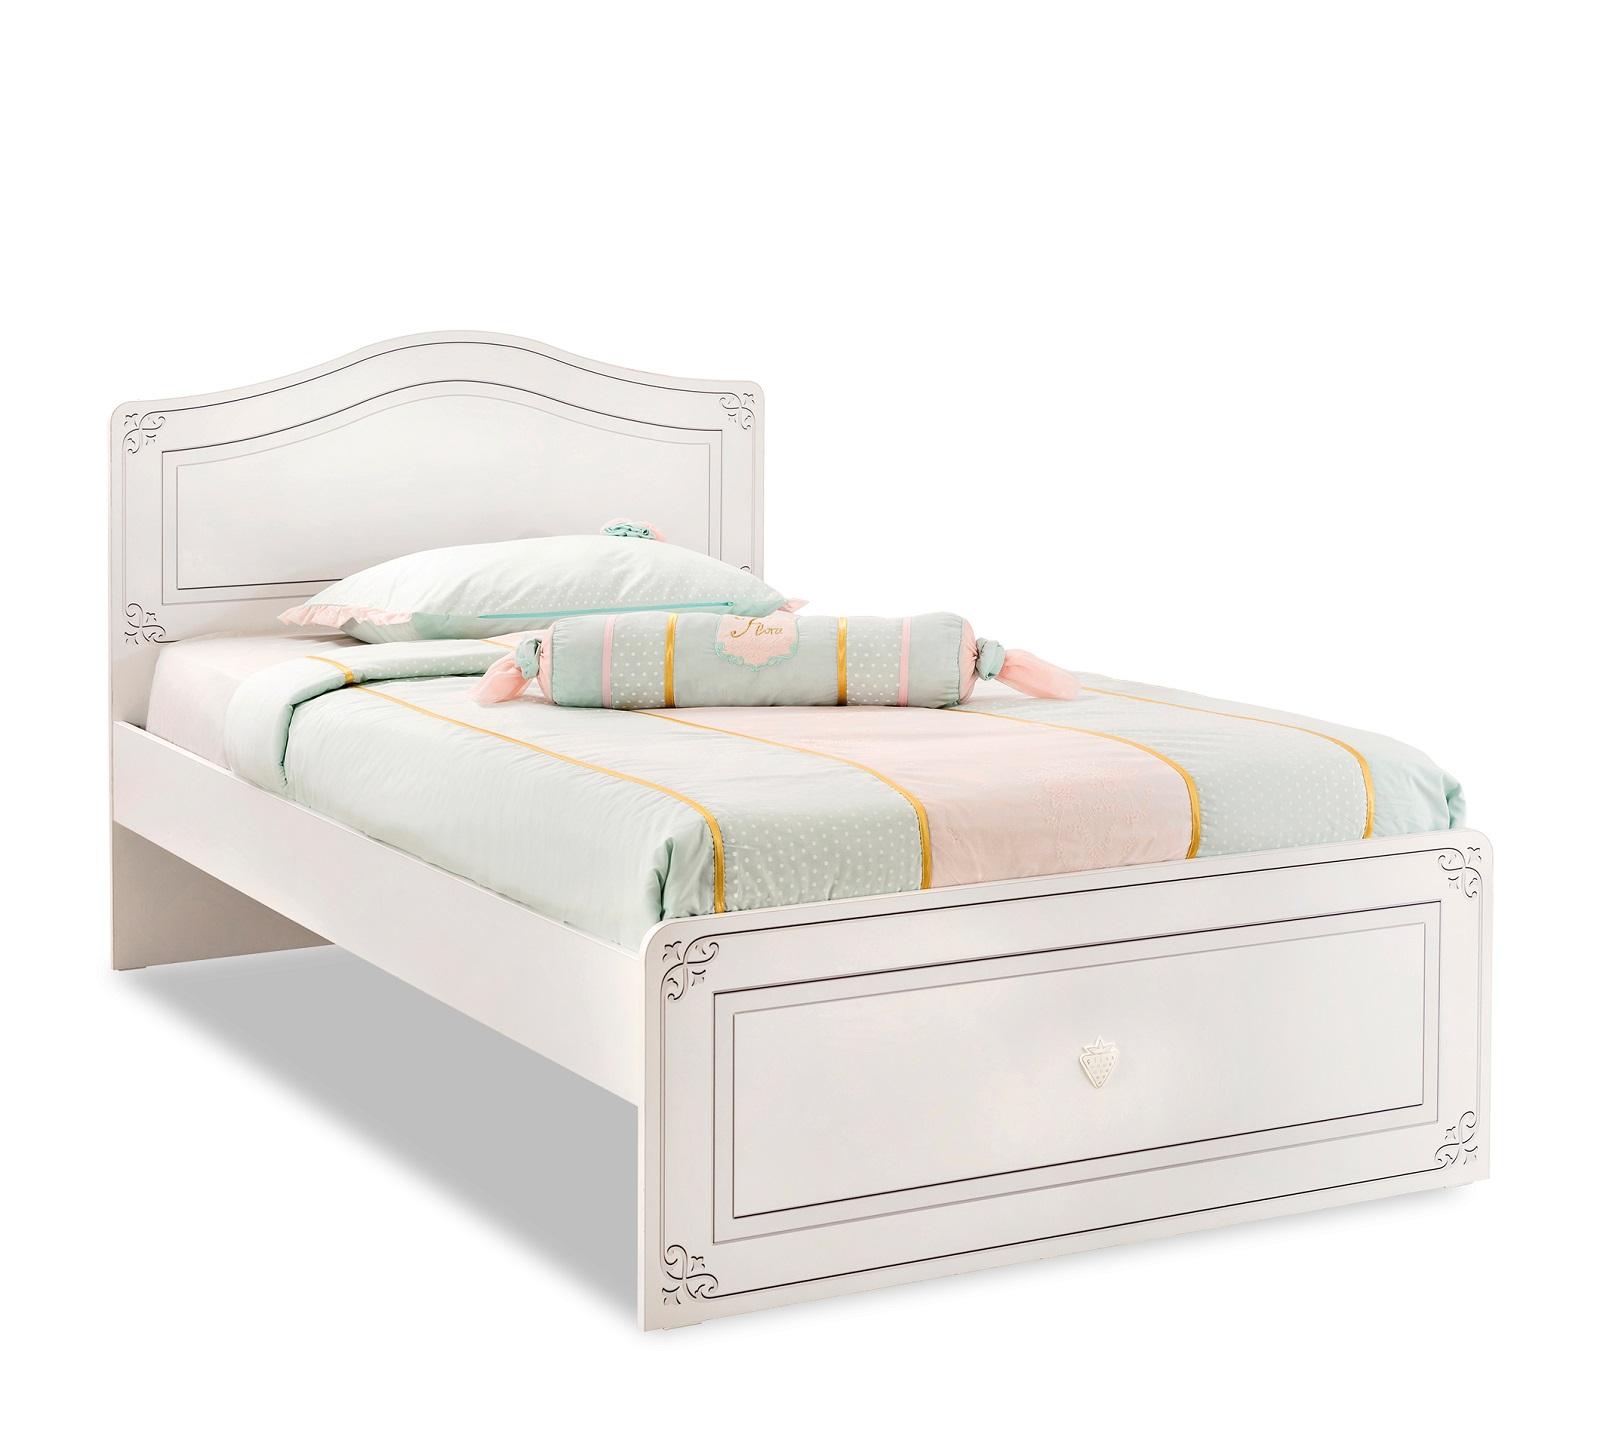 Full Size of Kinderbett 120x200 Bett Weiß Betten Mit Bettkasten Matratze Und Lattenrost Wohnzimmer Kinderbett 120x200